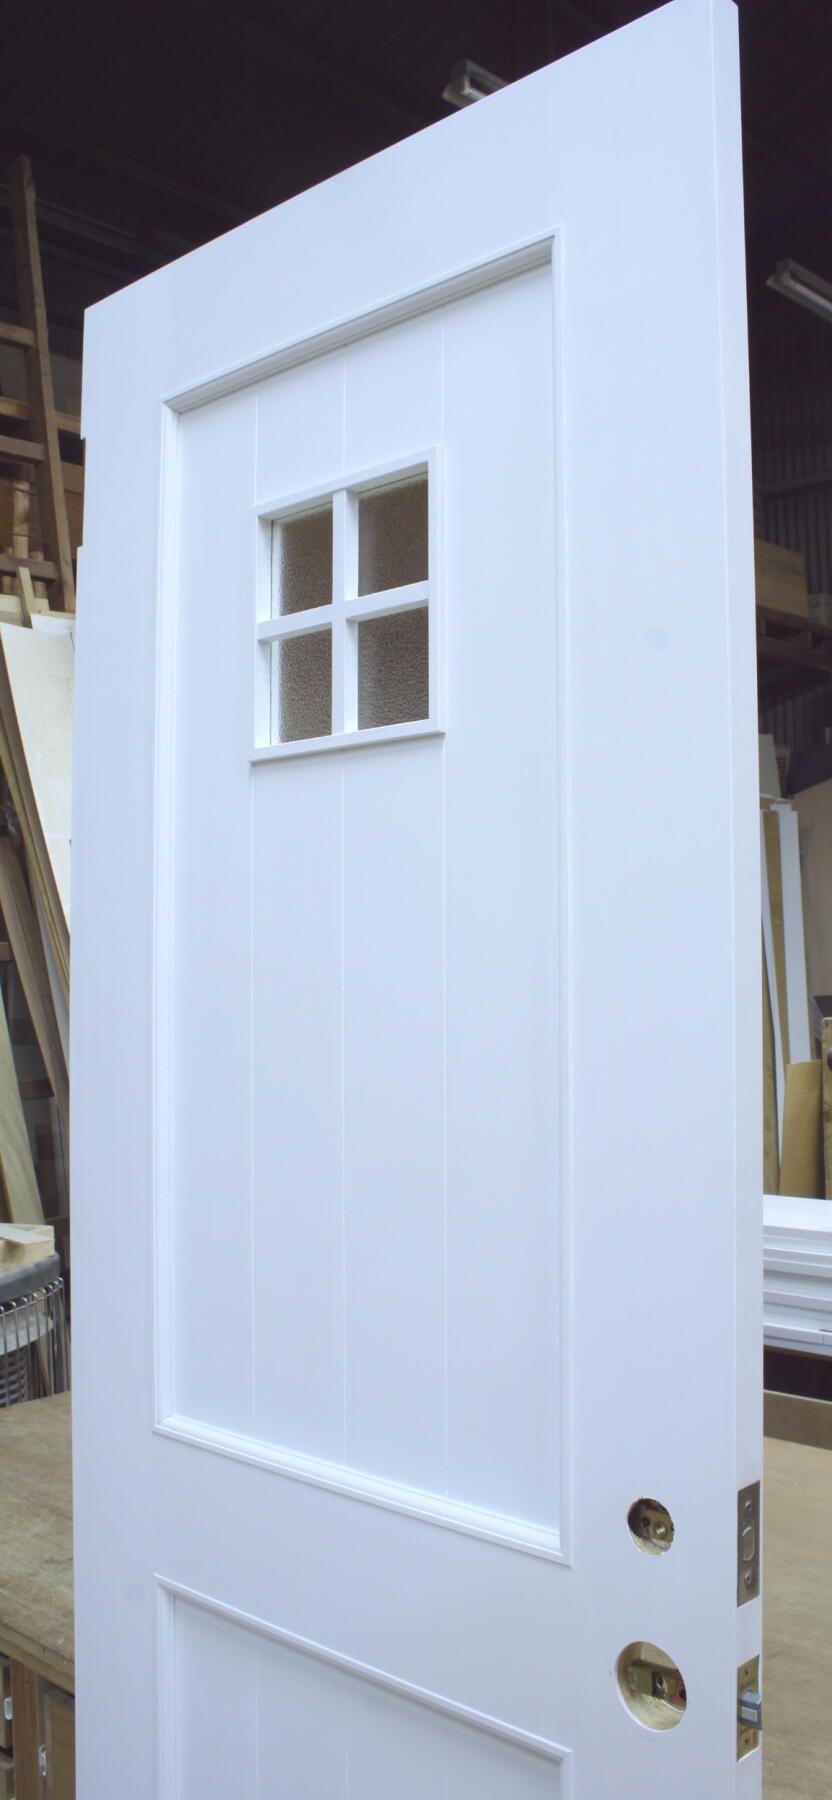 十字格子小窓付きの白いトイレドア 室内ドア製作事例008 ドア 窓